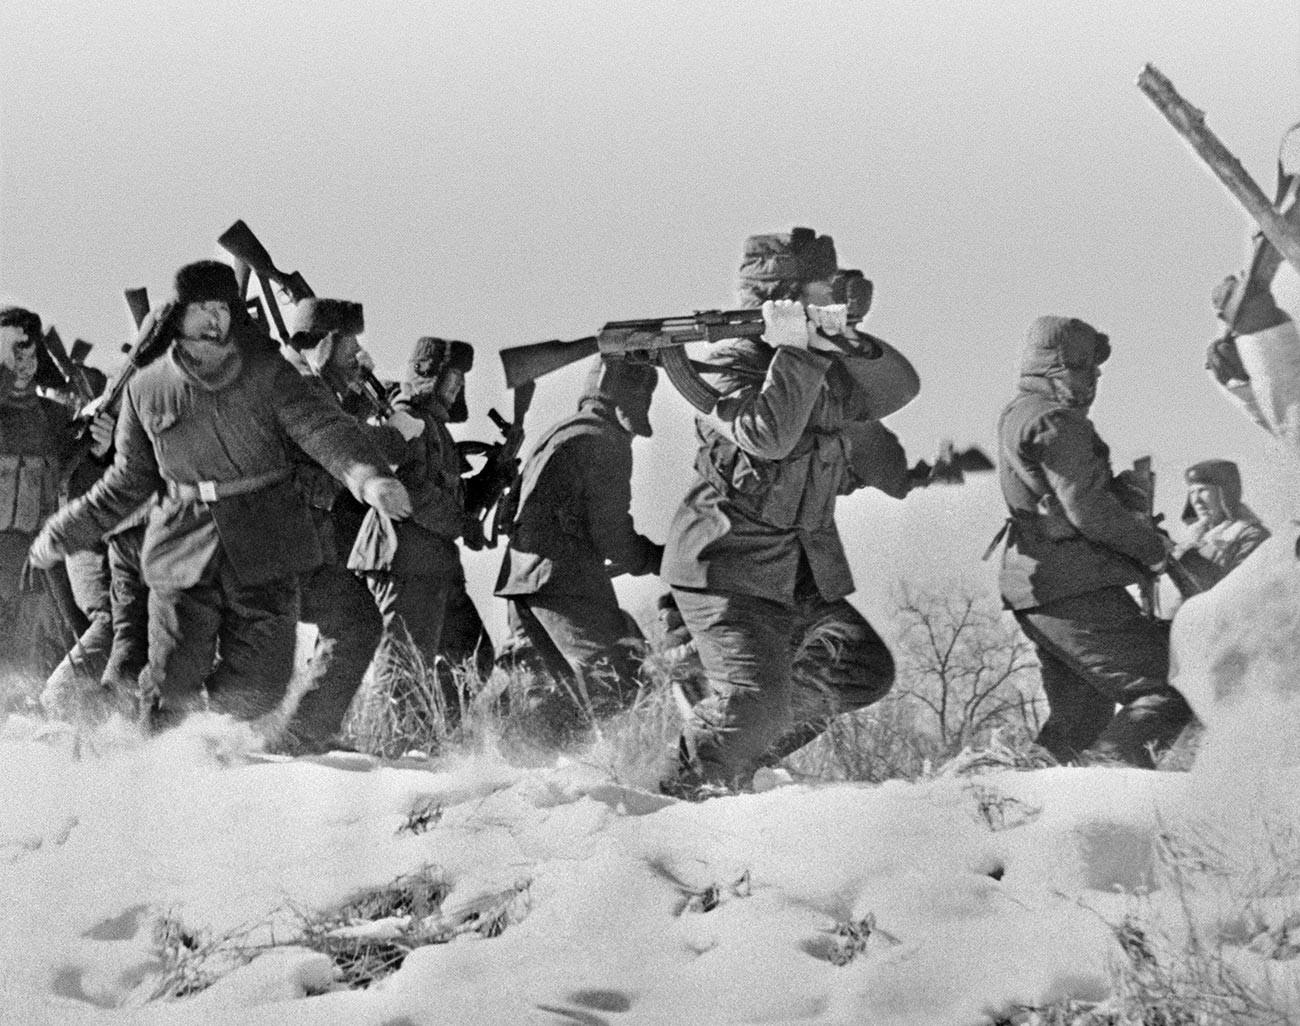 Отряд китайских солдат пытается ворваться на остров Даманский на территории СССР.